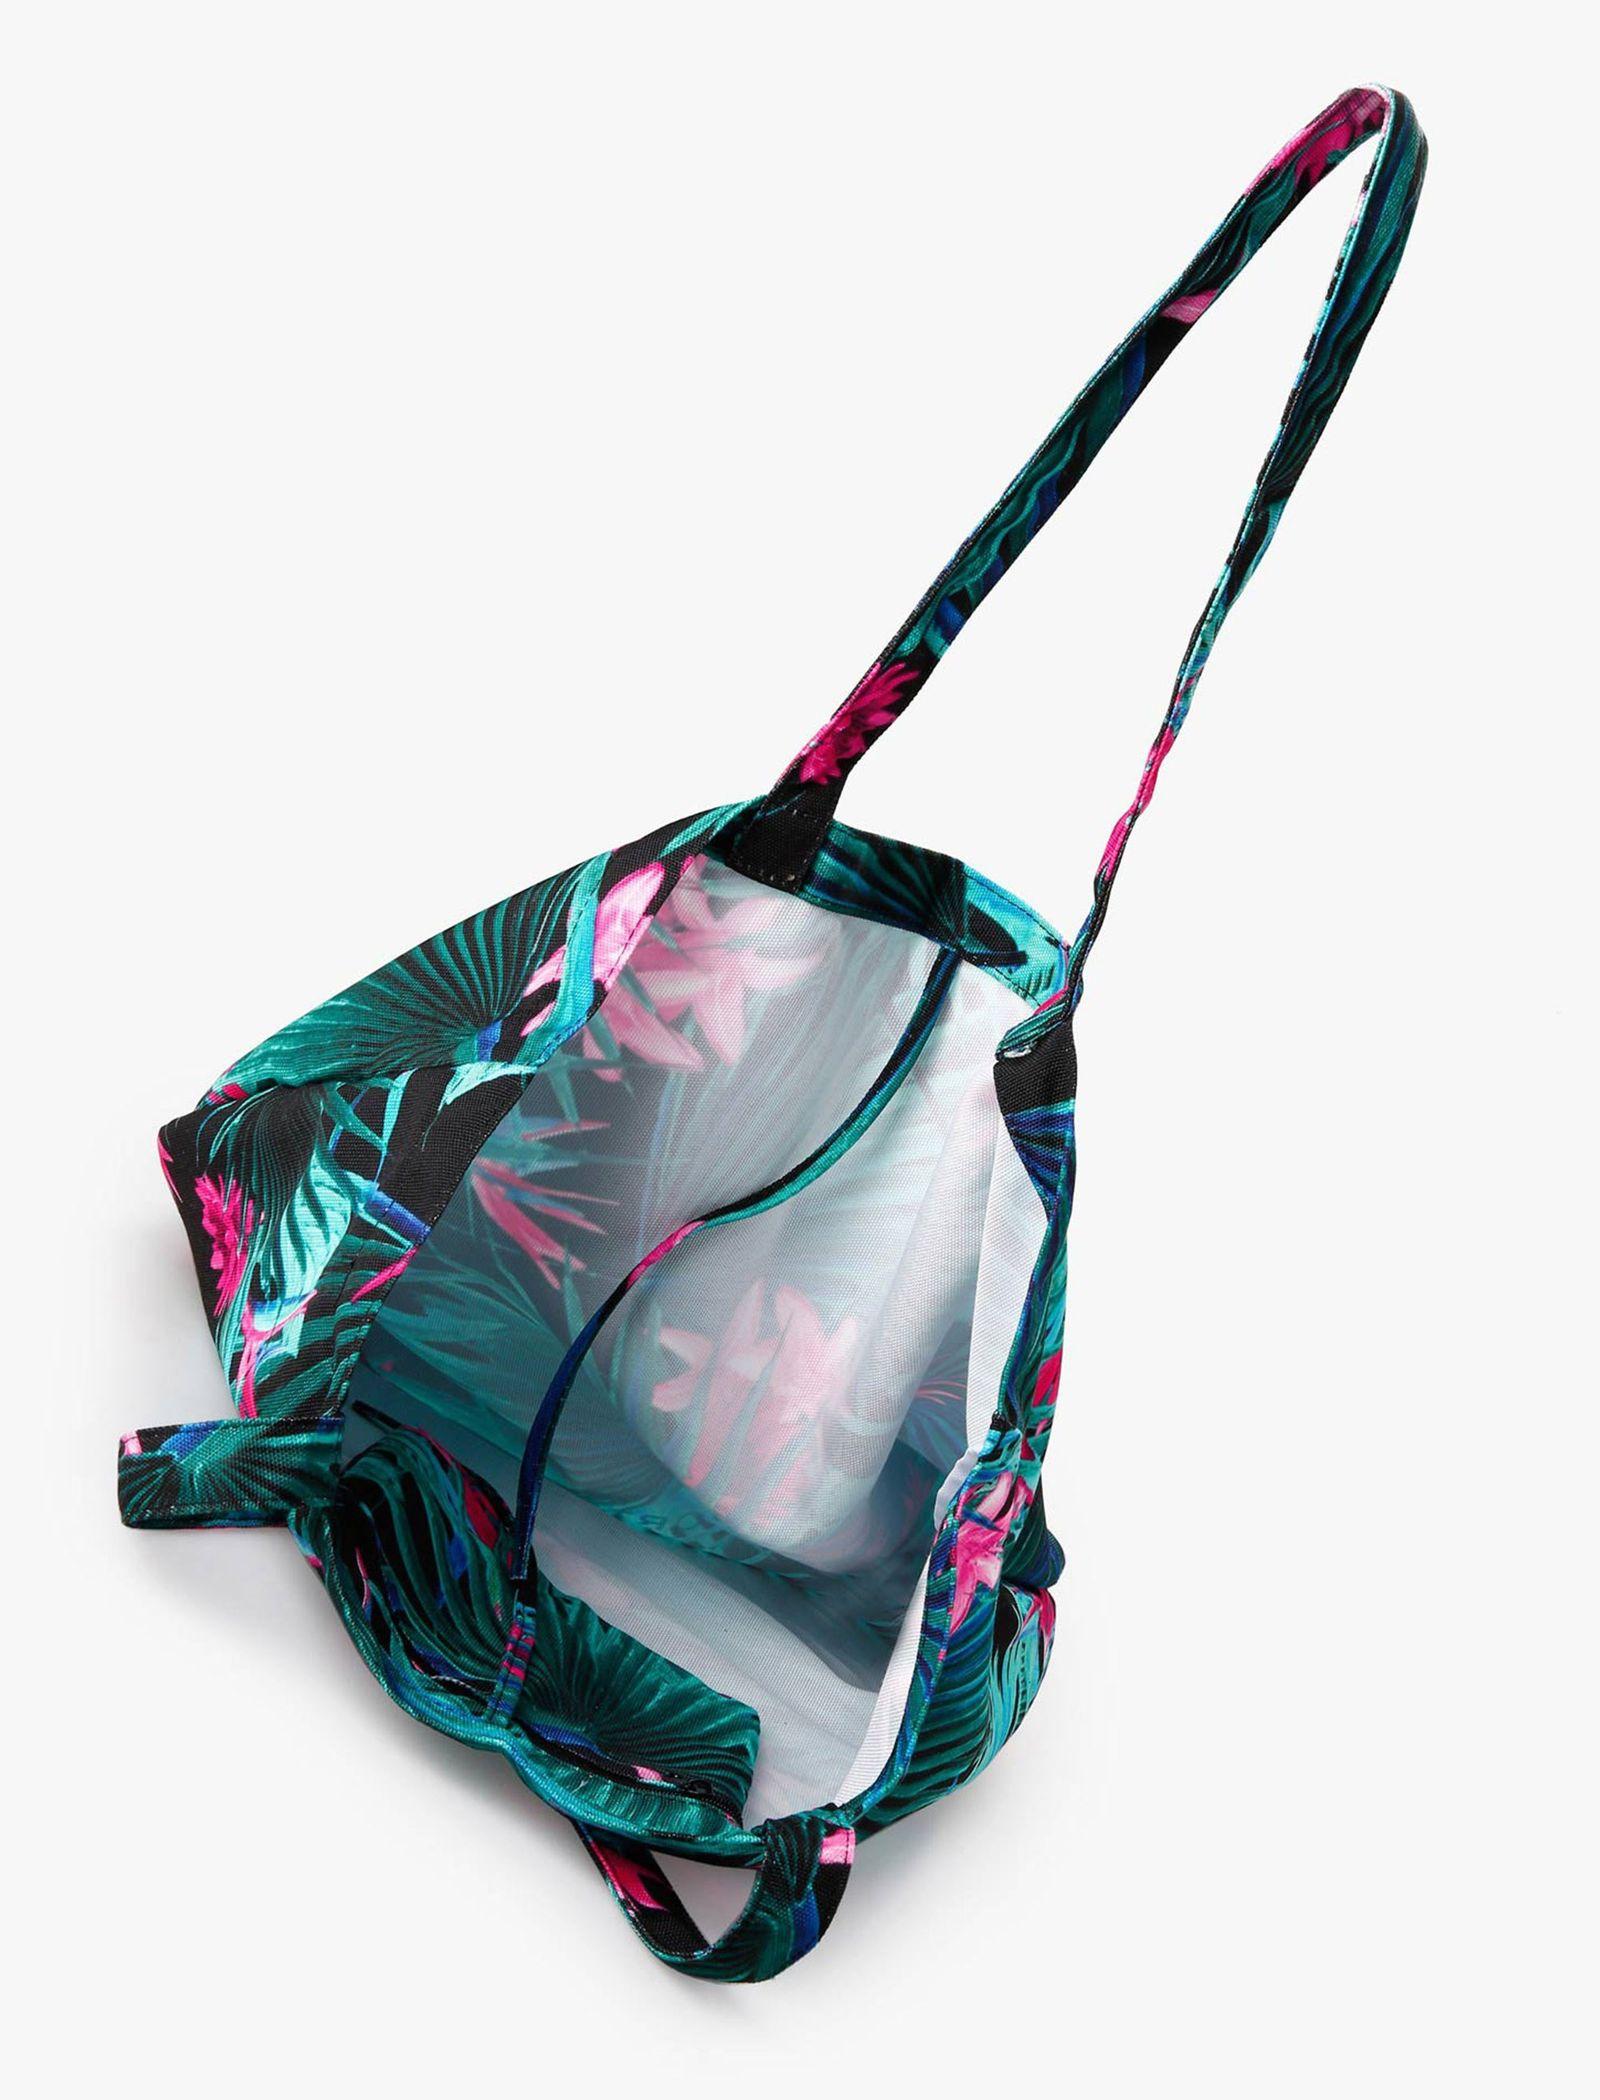 کیف دوشی روزمره زنانه - مانگو - چند رنگ - 3